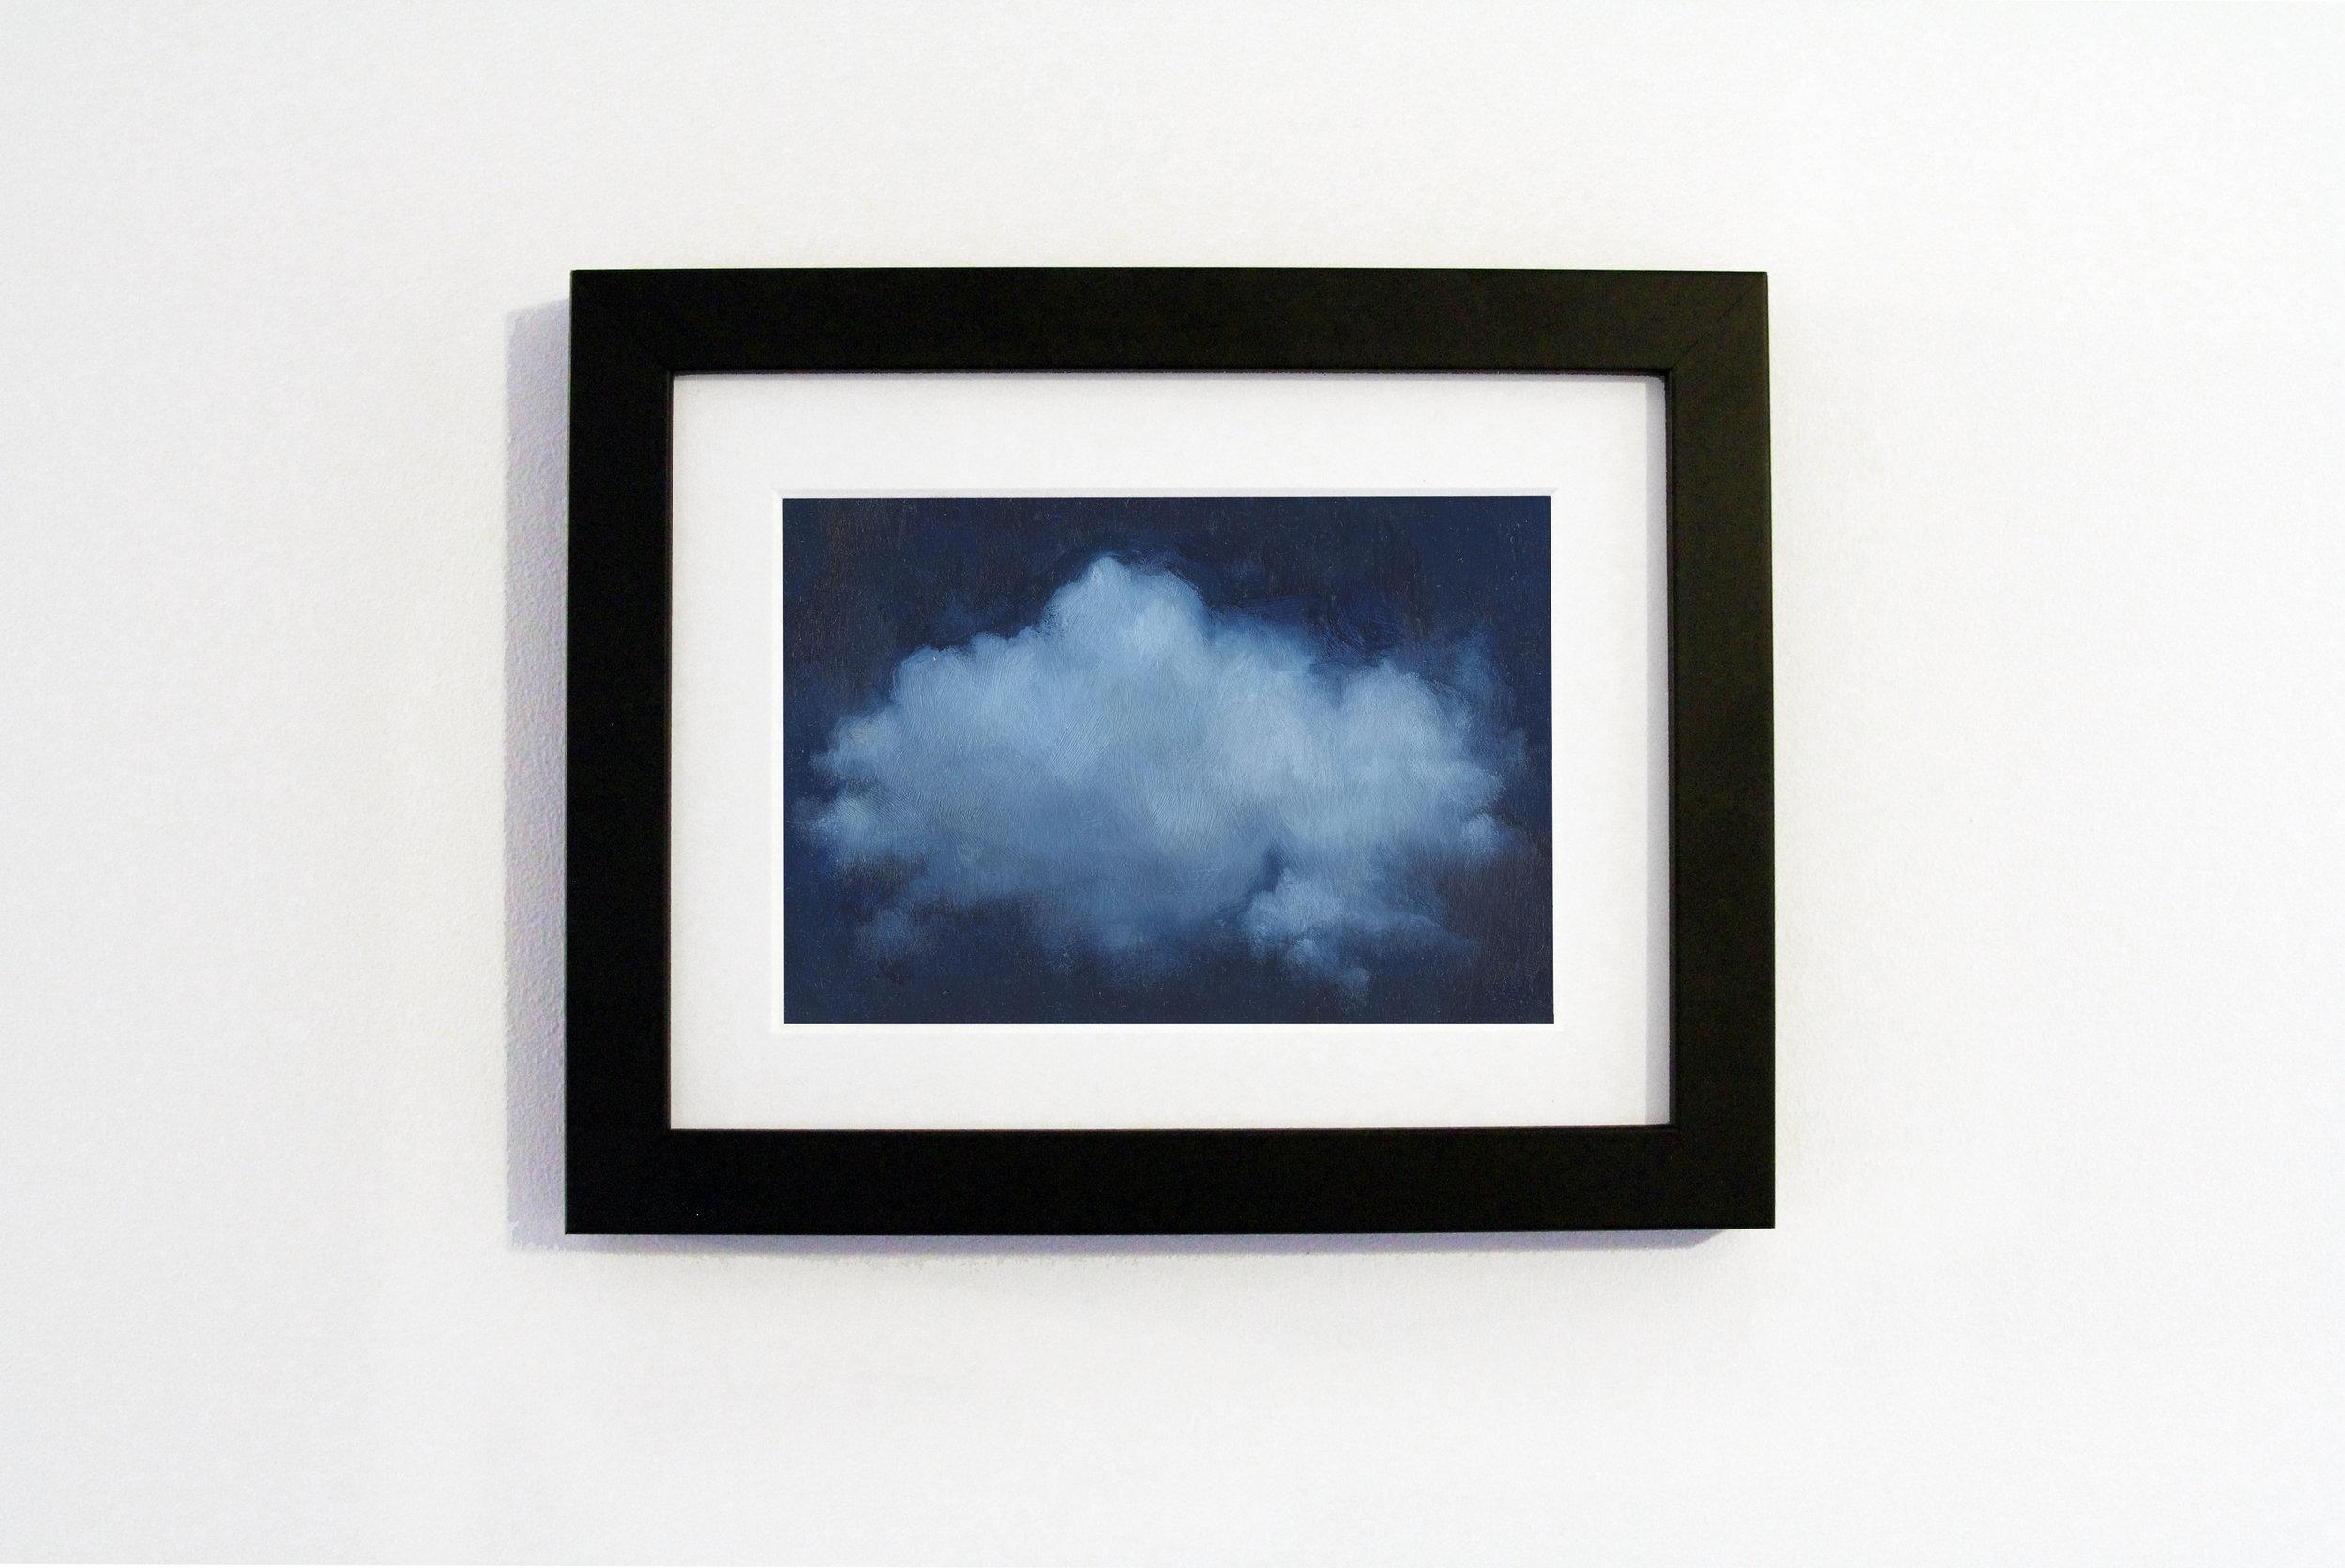 Toro Black Frame.jpg